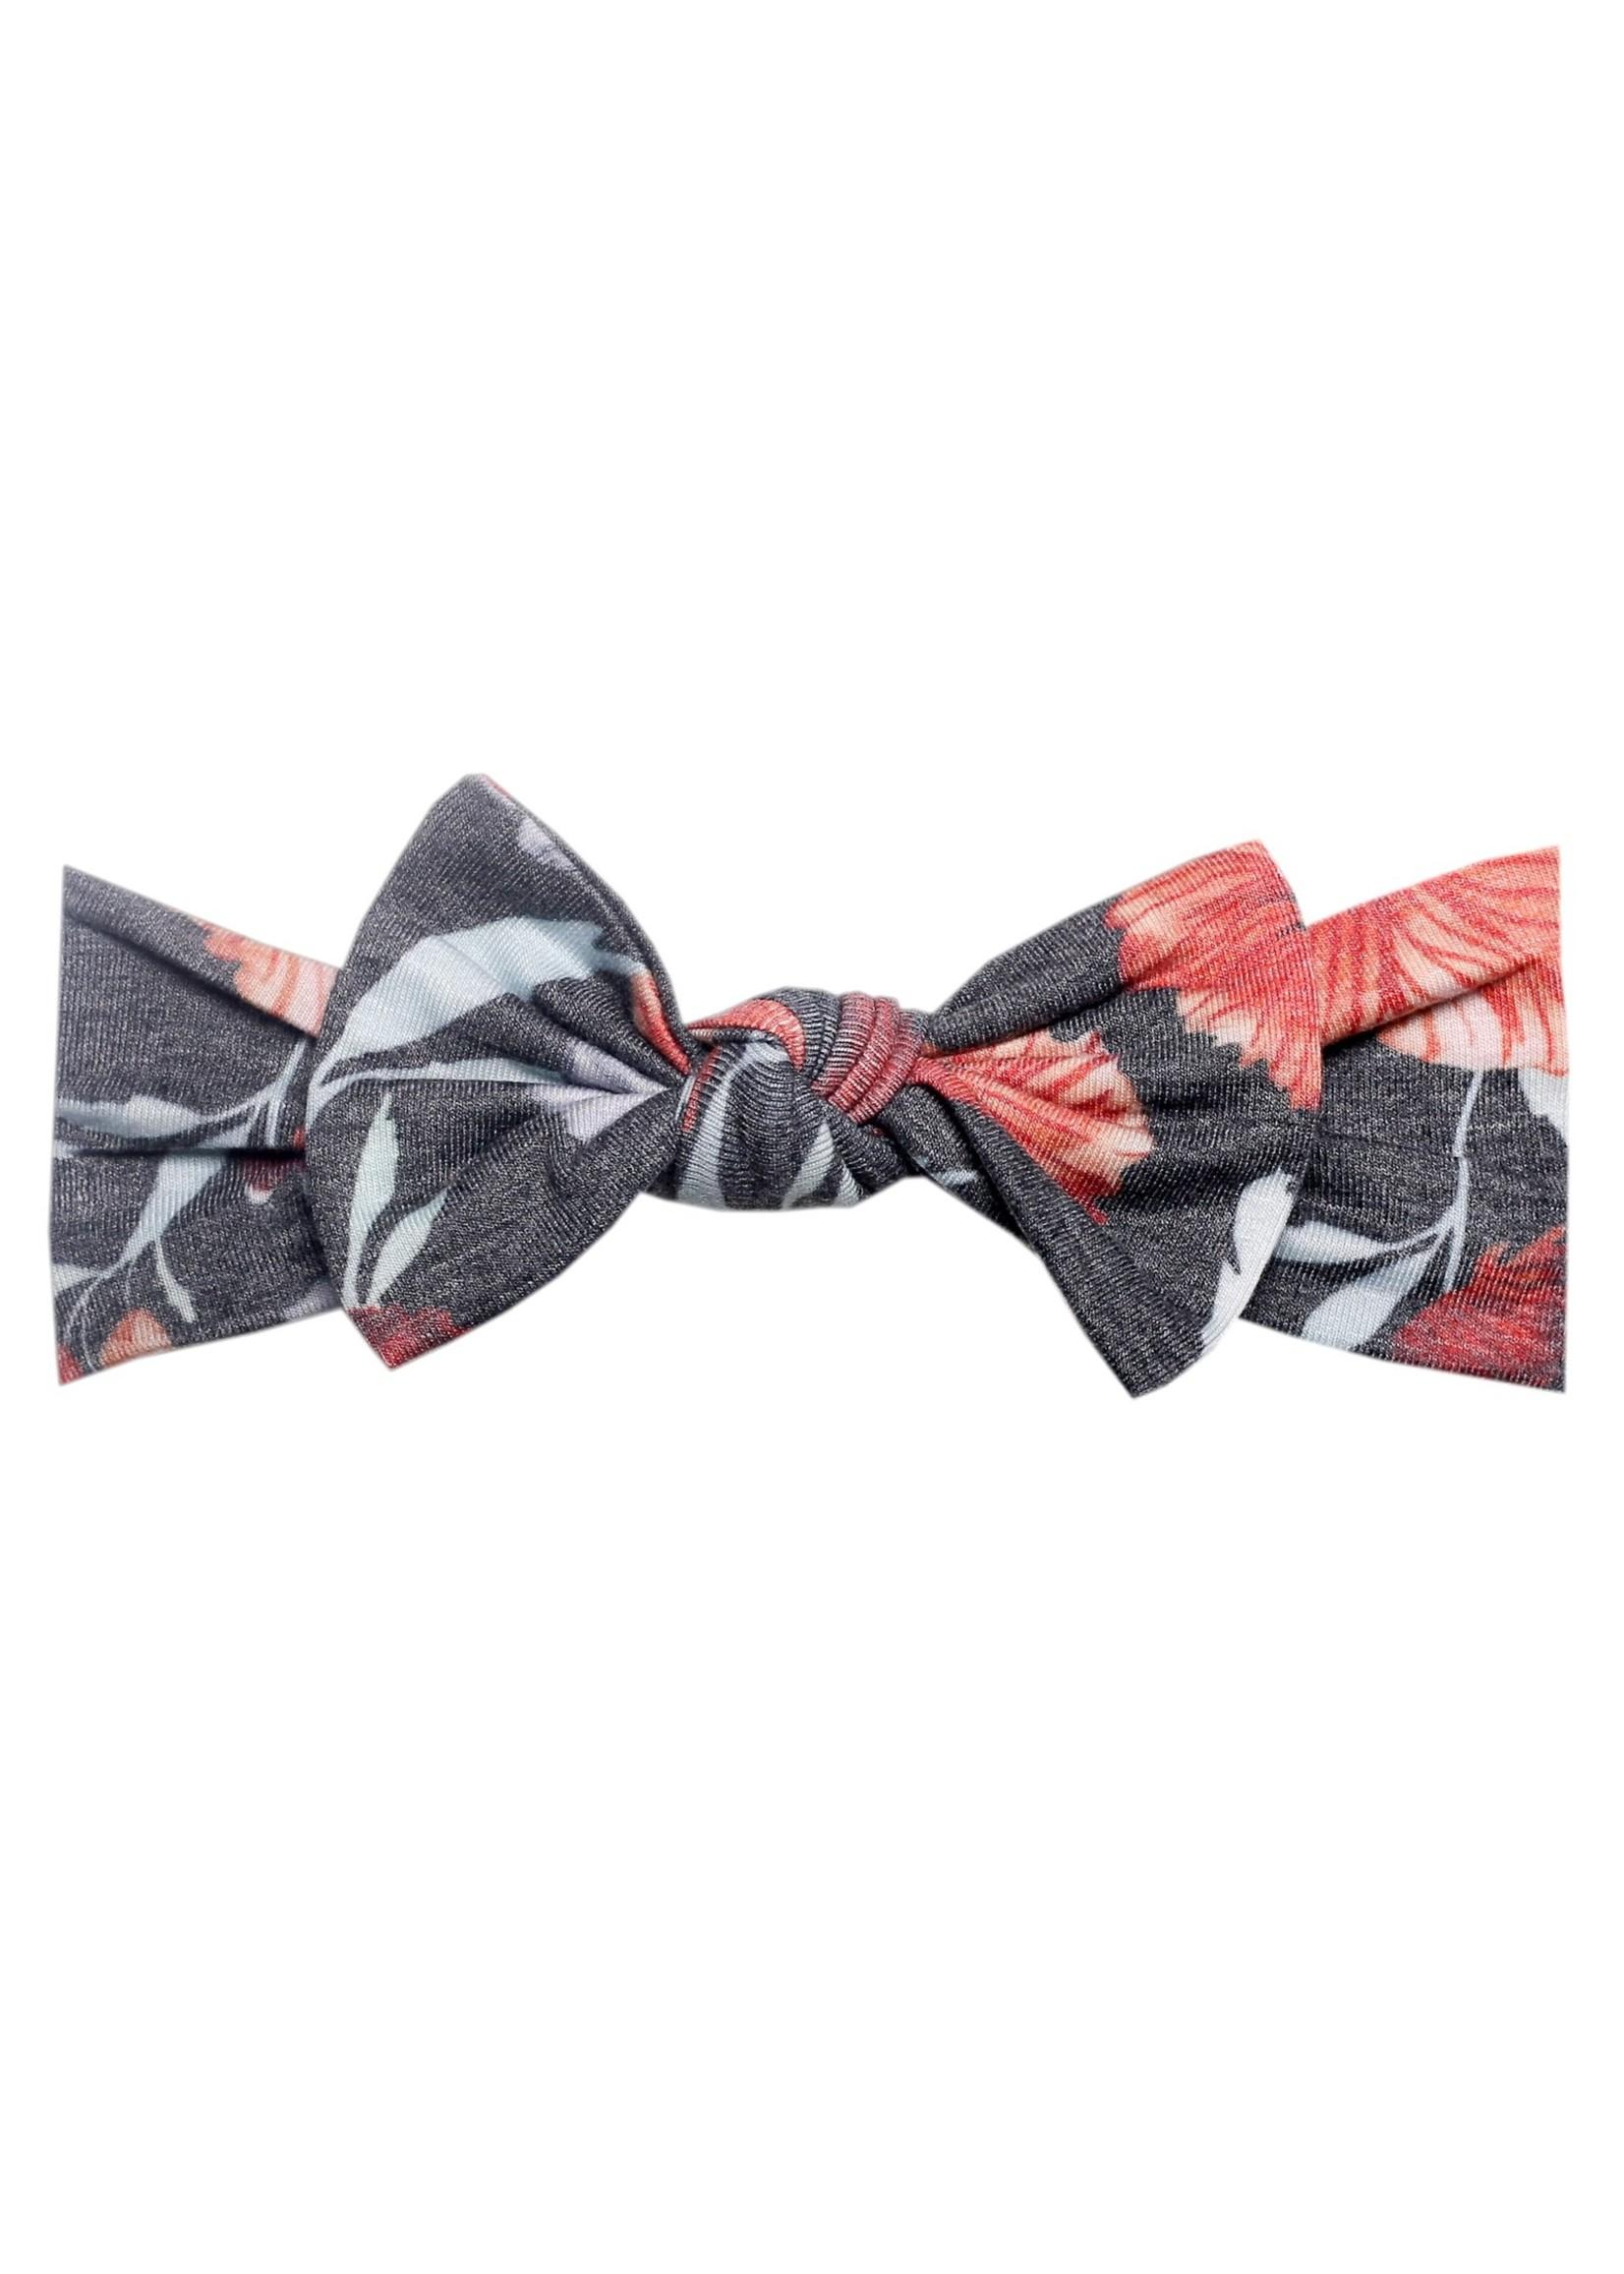 Copper pearl Knit Headband Bow - Poppy